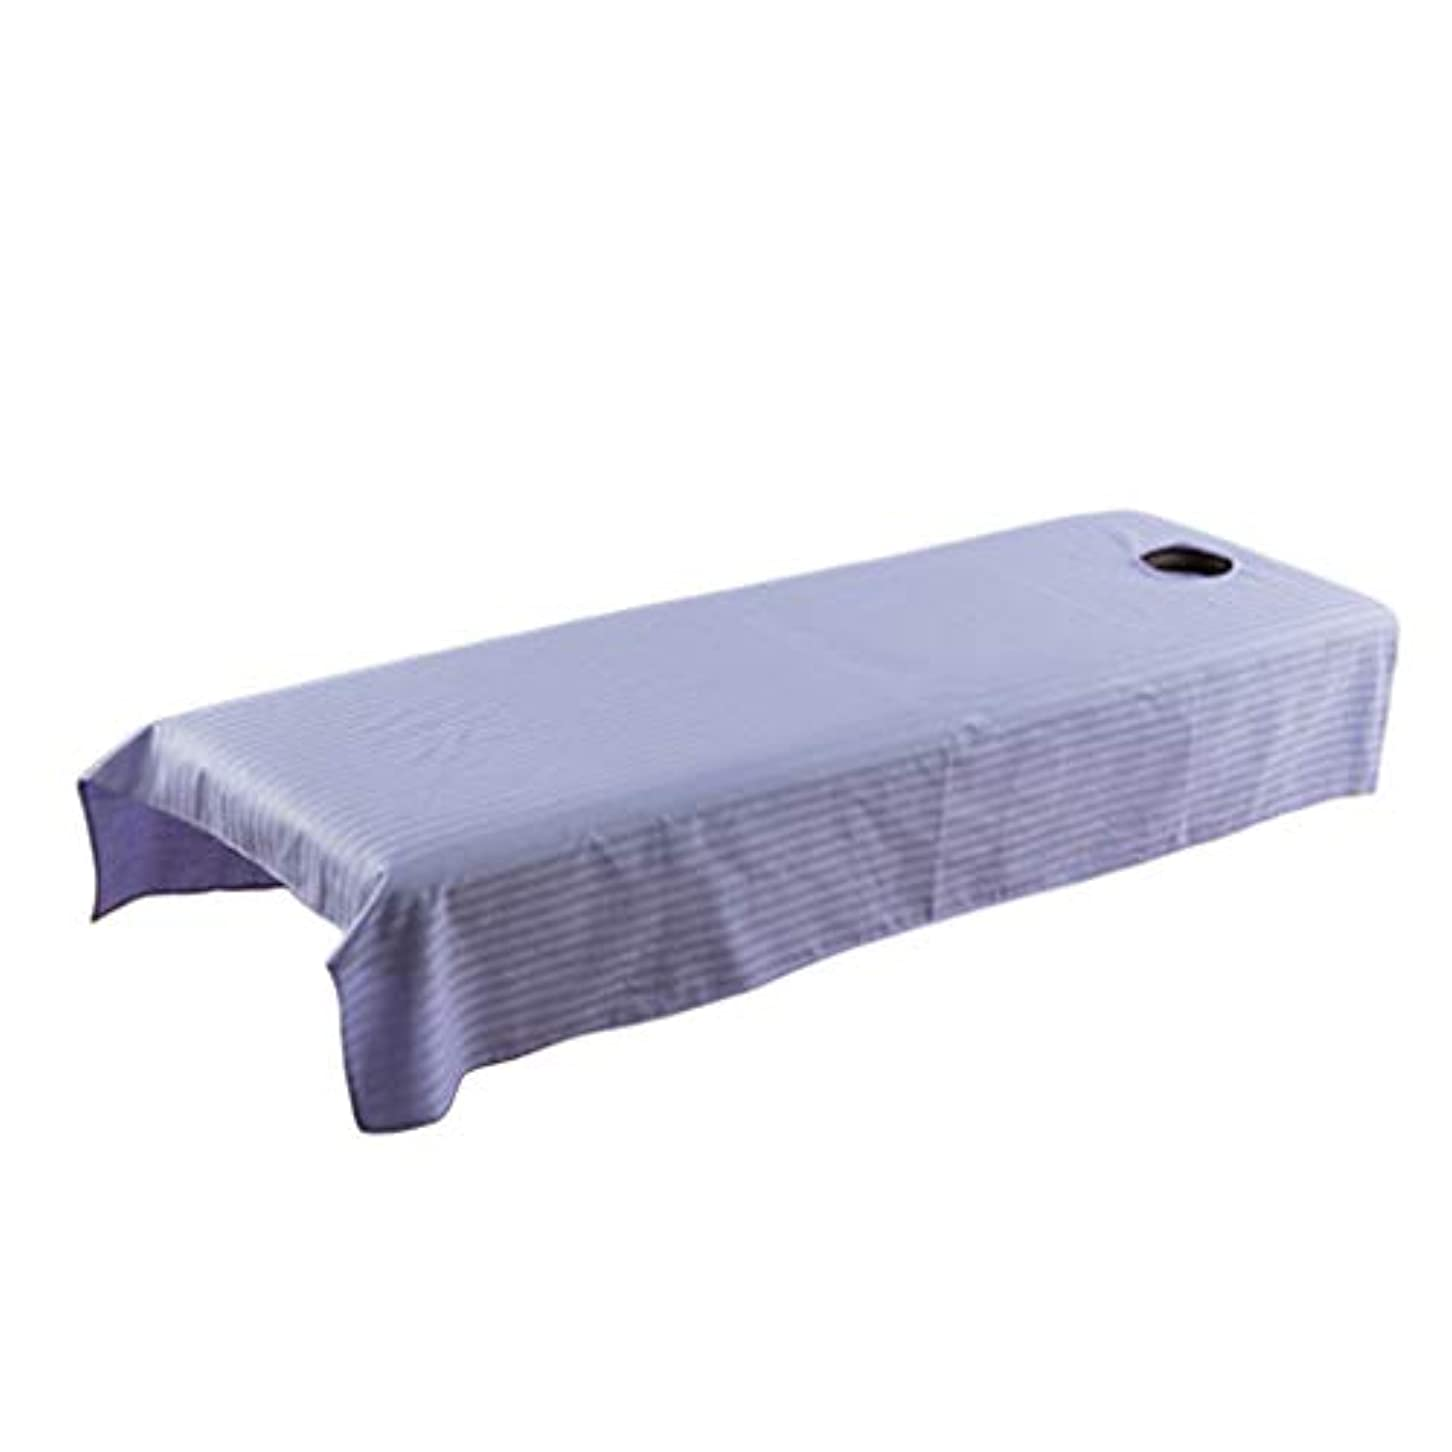 マリンシェアきゅうりマッサージベッドカバー 有孔 スパベッドカバー マッサージテーブル シート 全5カラー - ライトパープル